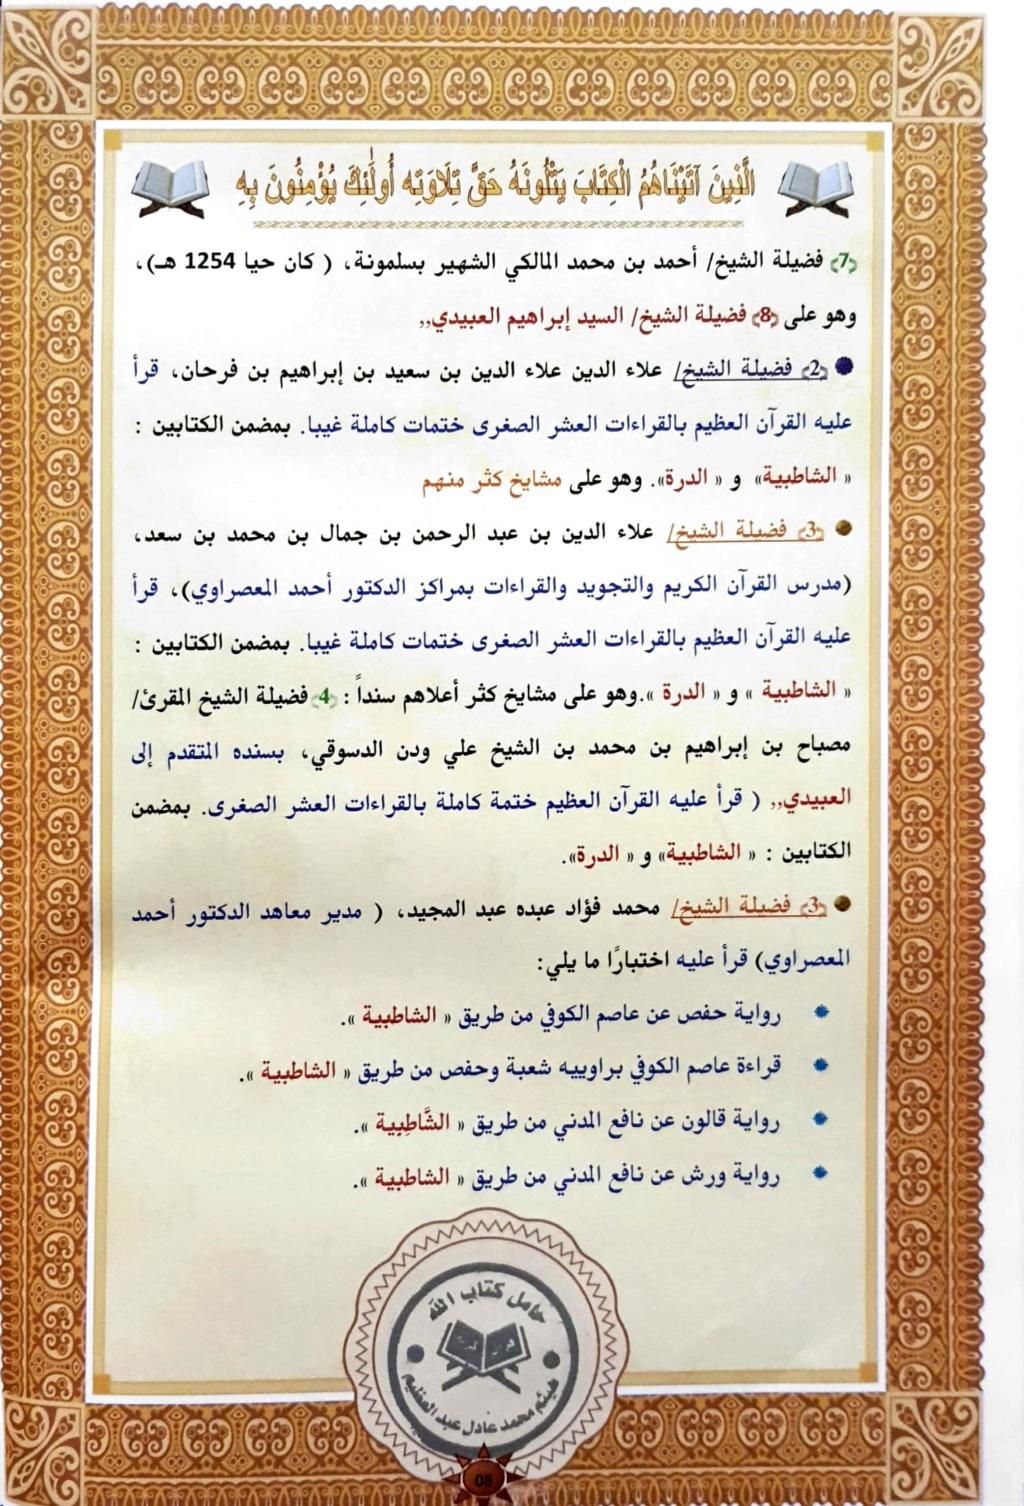 إجازة الشيخ أحمد محمد لبن بقراءة الإمام عاصم  Aeo_aa23